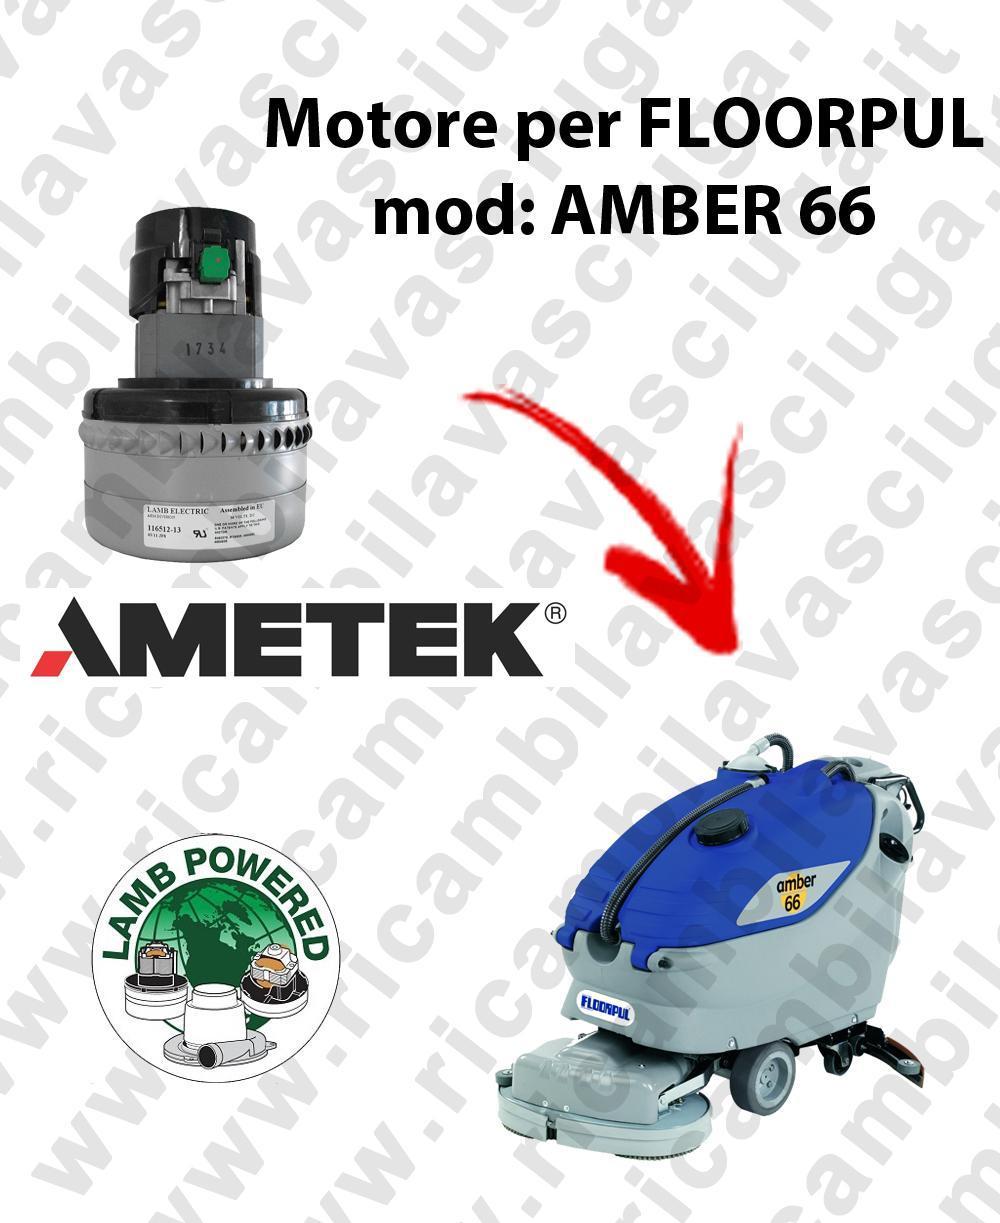 AMBER 66 Saugmotor LAMB AMETEK für scheuersaugmaschinen FLOORPUL